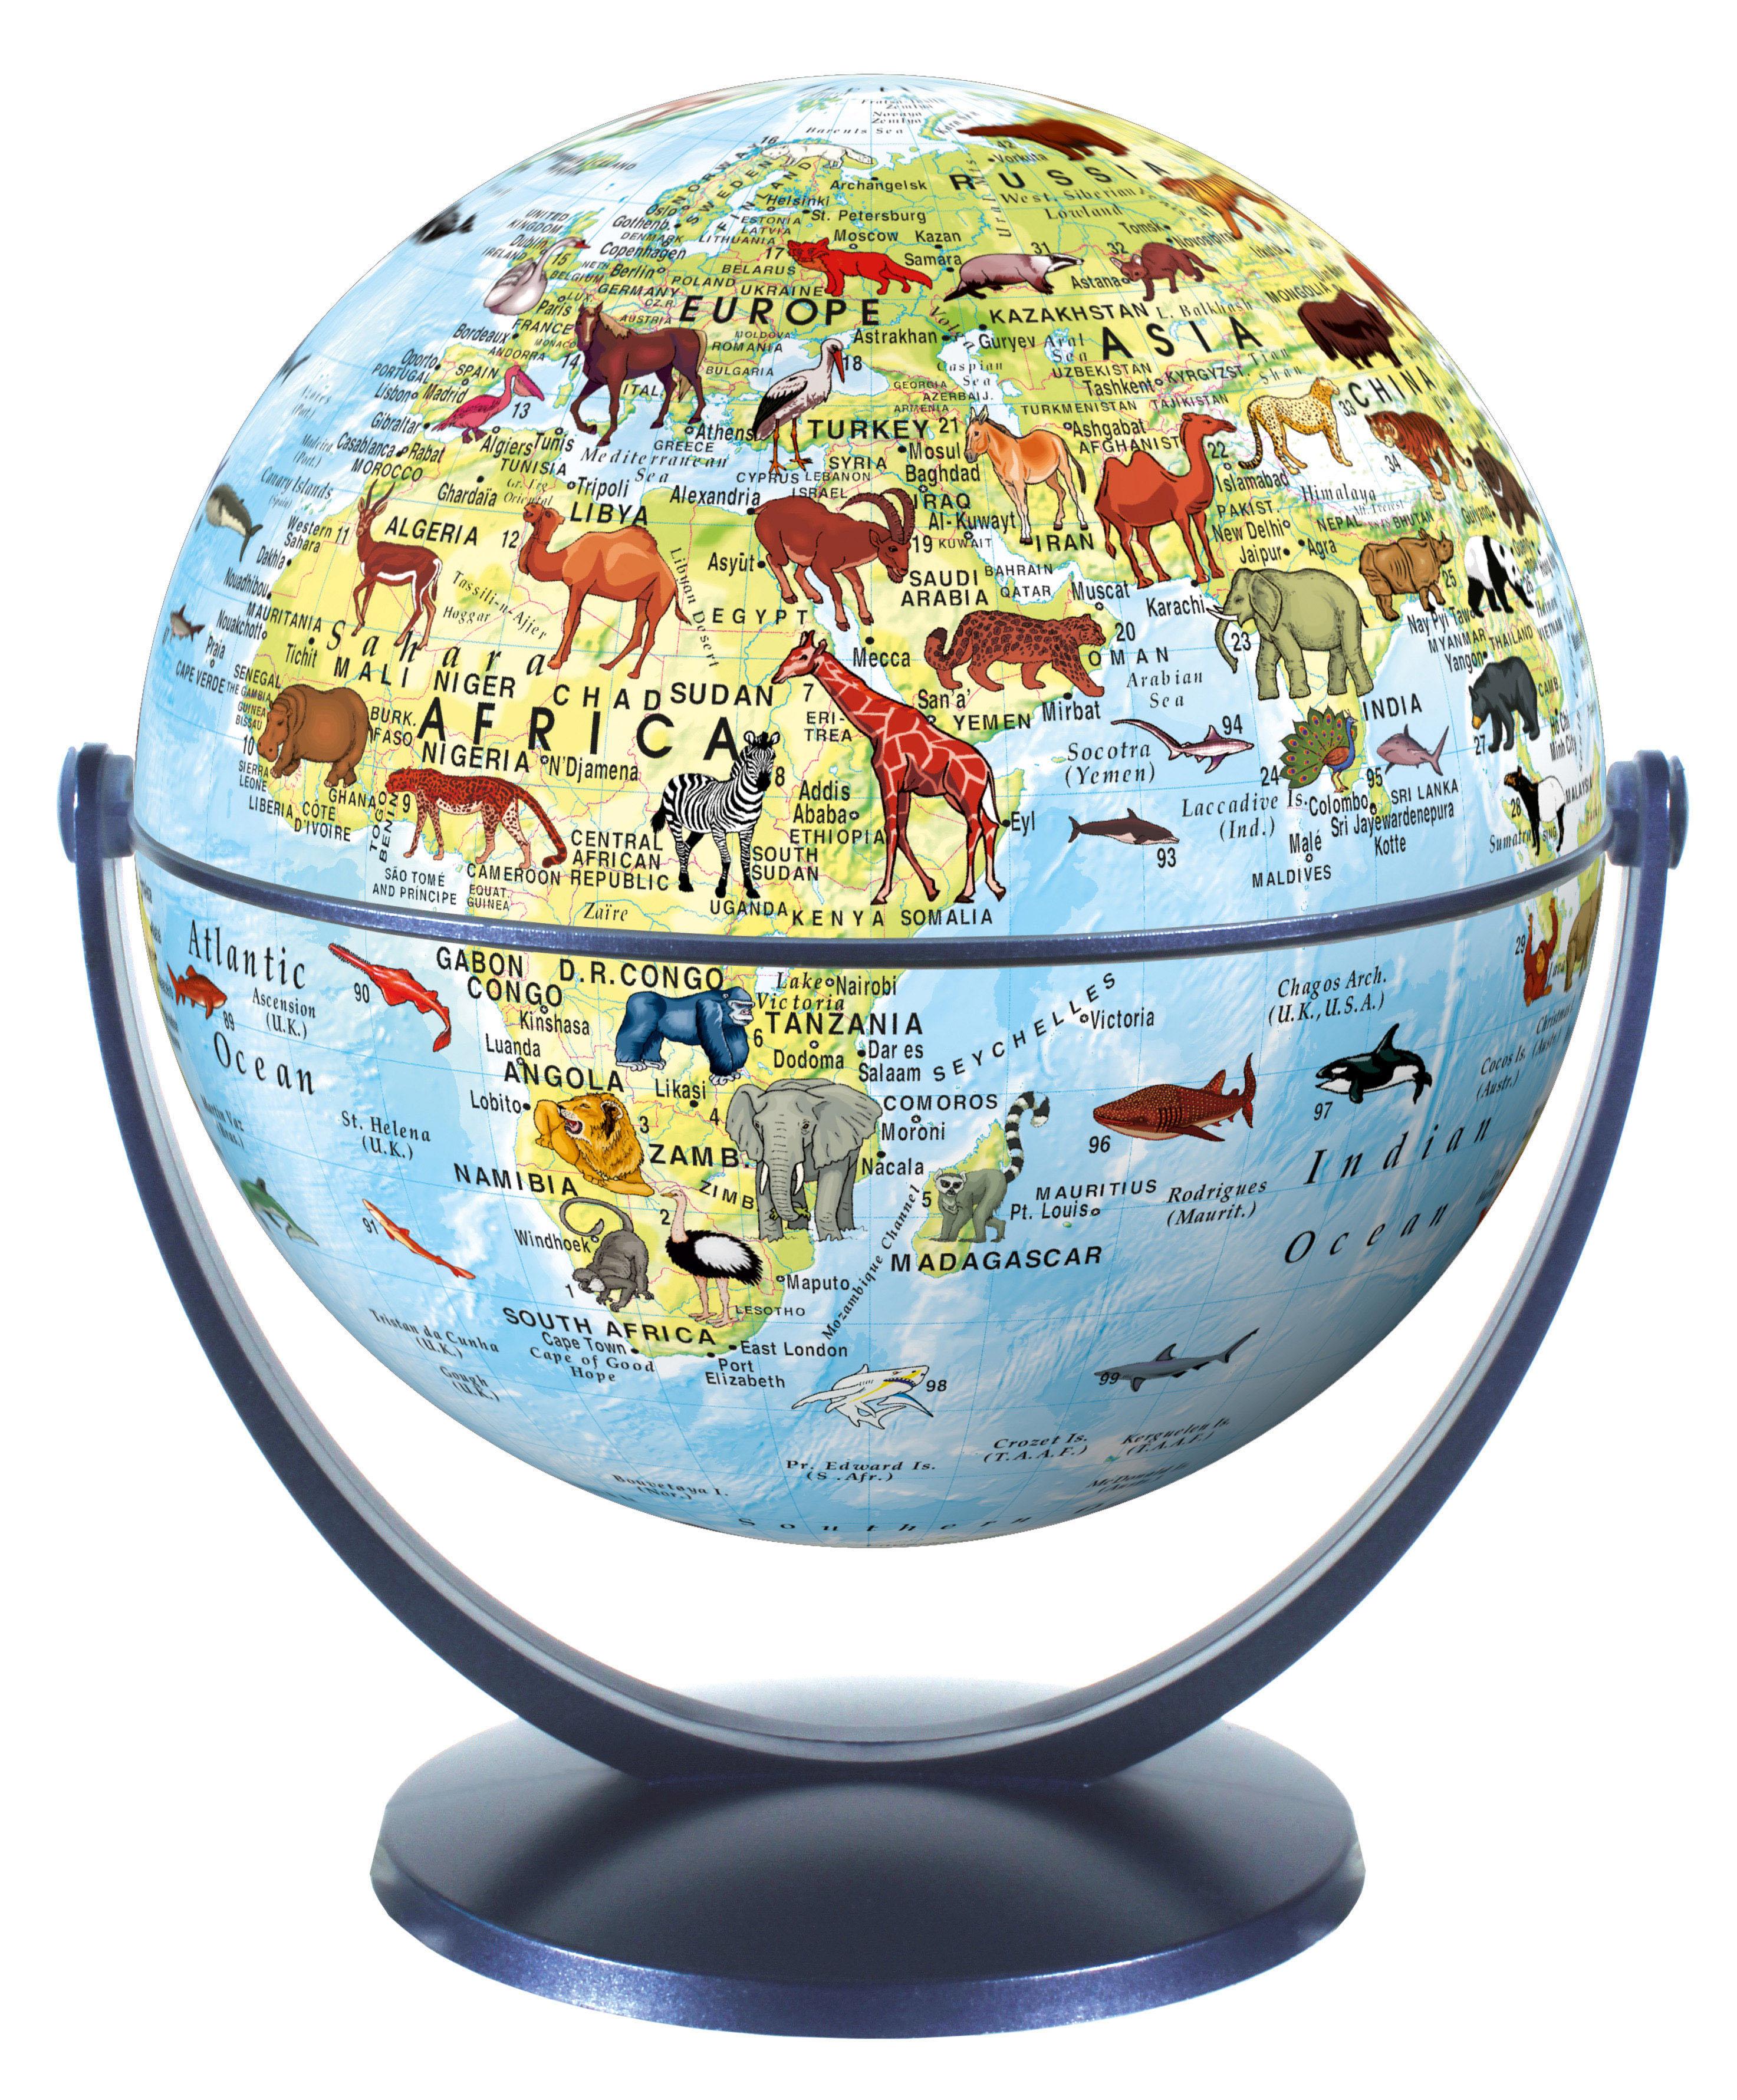 Draai & Kantelglobe 15 cm kinderglobe et dierenafbeeldingen 4028465940156  Stellanova Globes / Wereldbollen  Globes, Kinderboeken Wereld als geheel